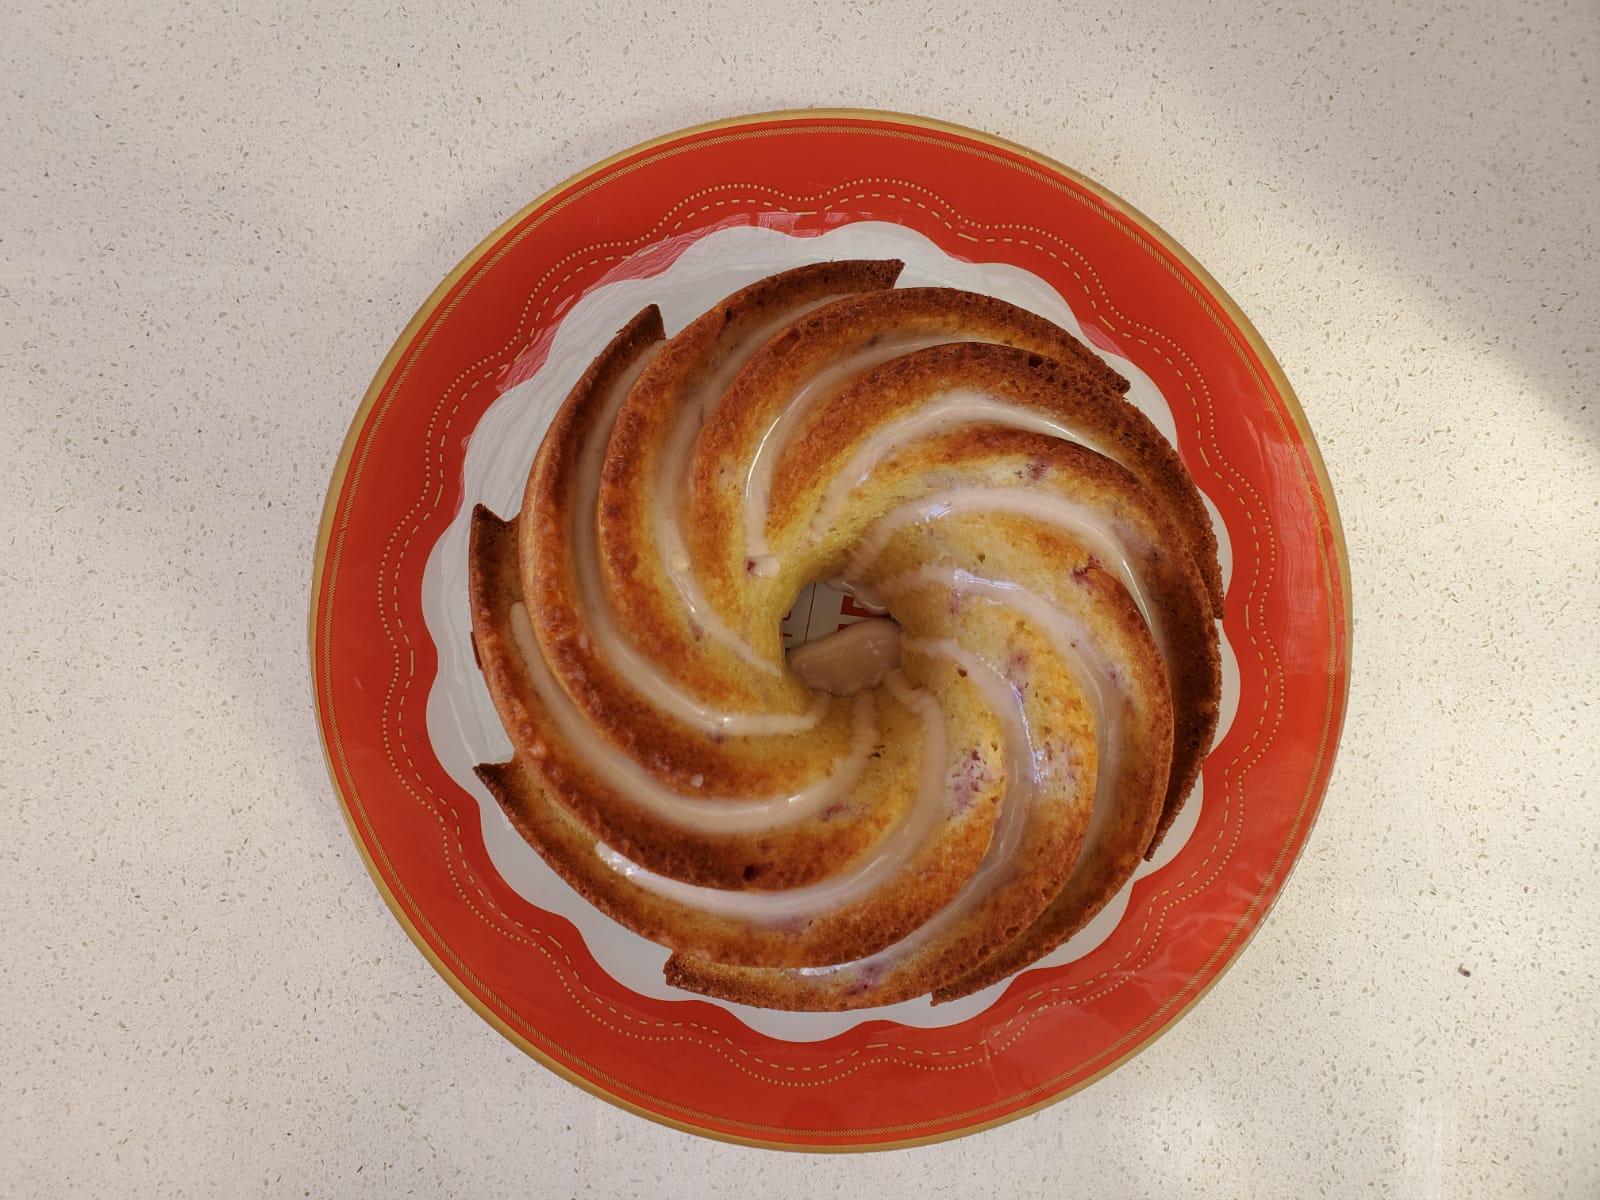 עוגת תות שדה בחושה